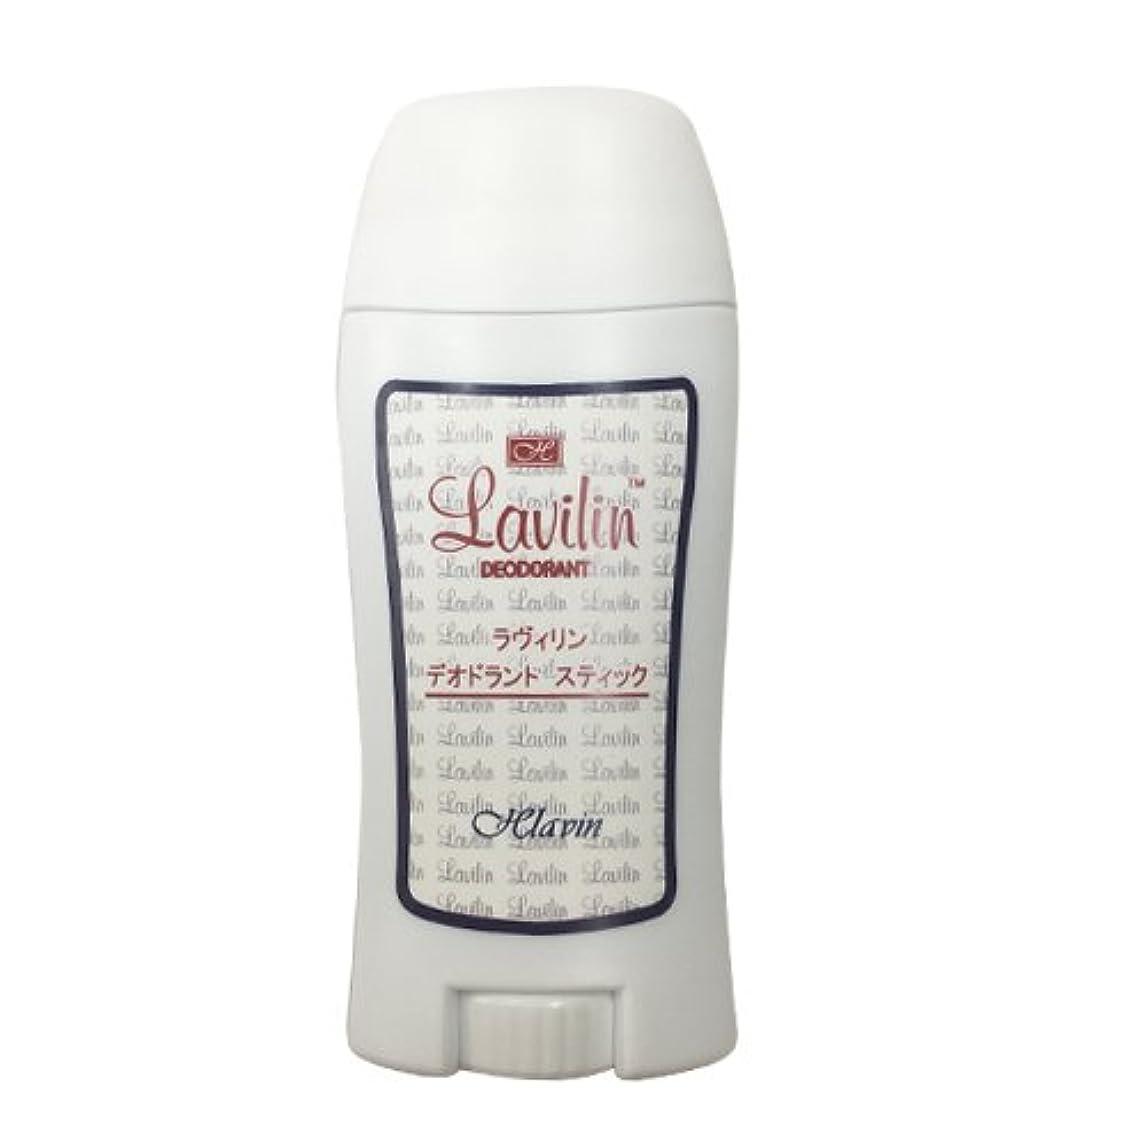 弾丸仮装分散ラヴィリン デオドラント スティック (Lavilin deodorant stick) 60ml